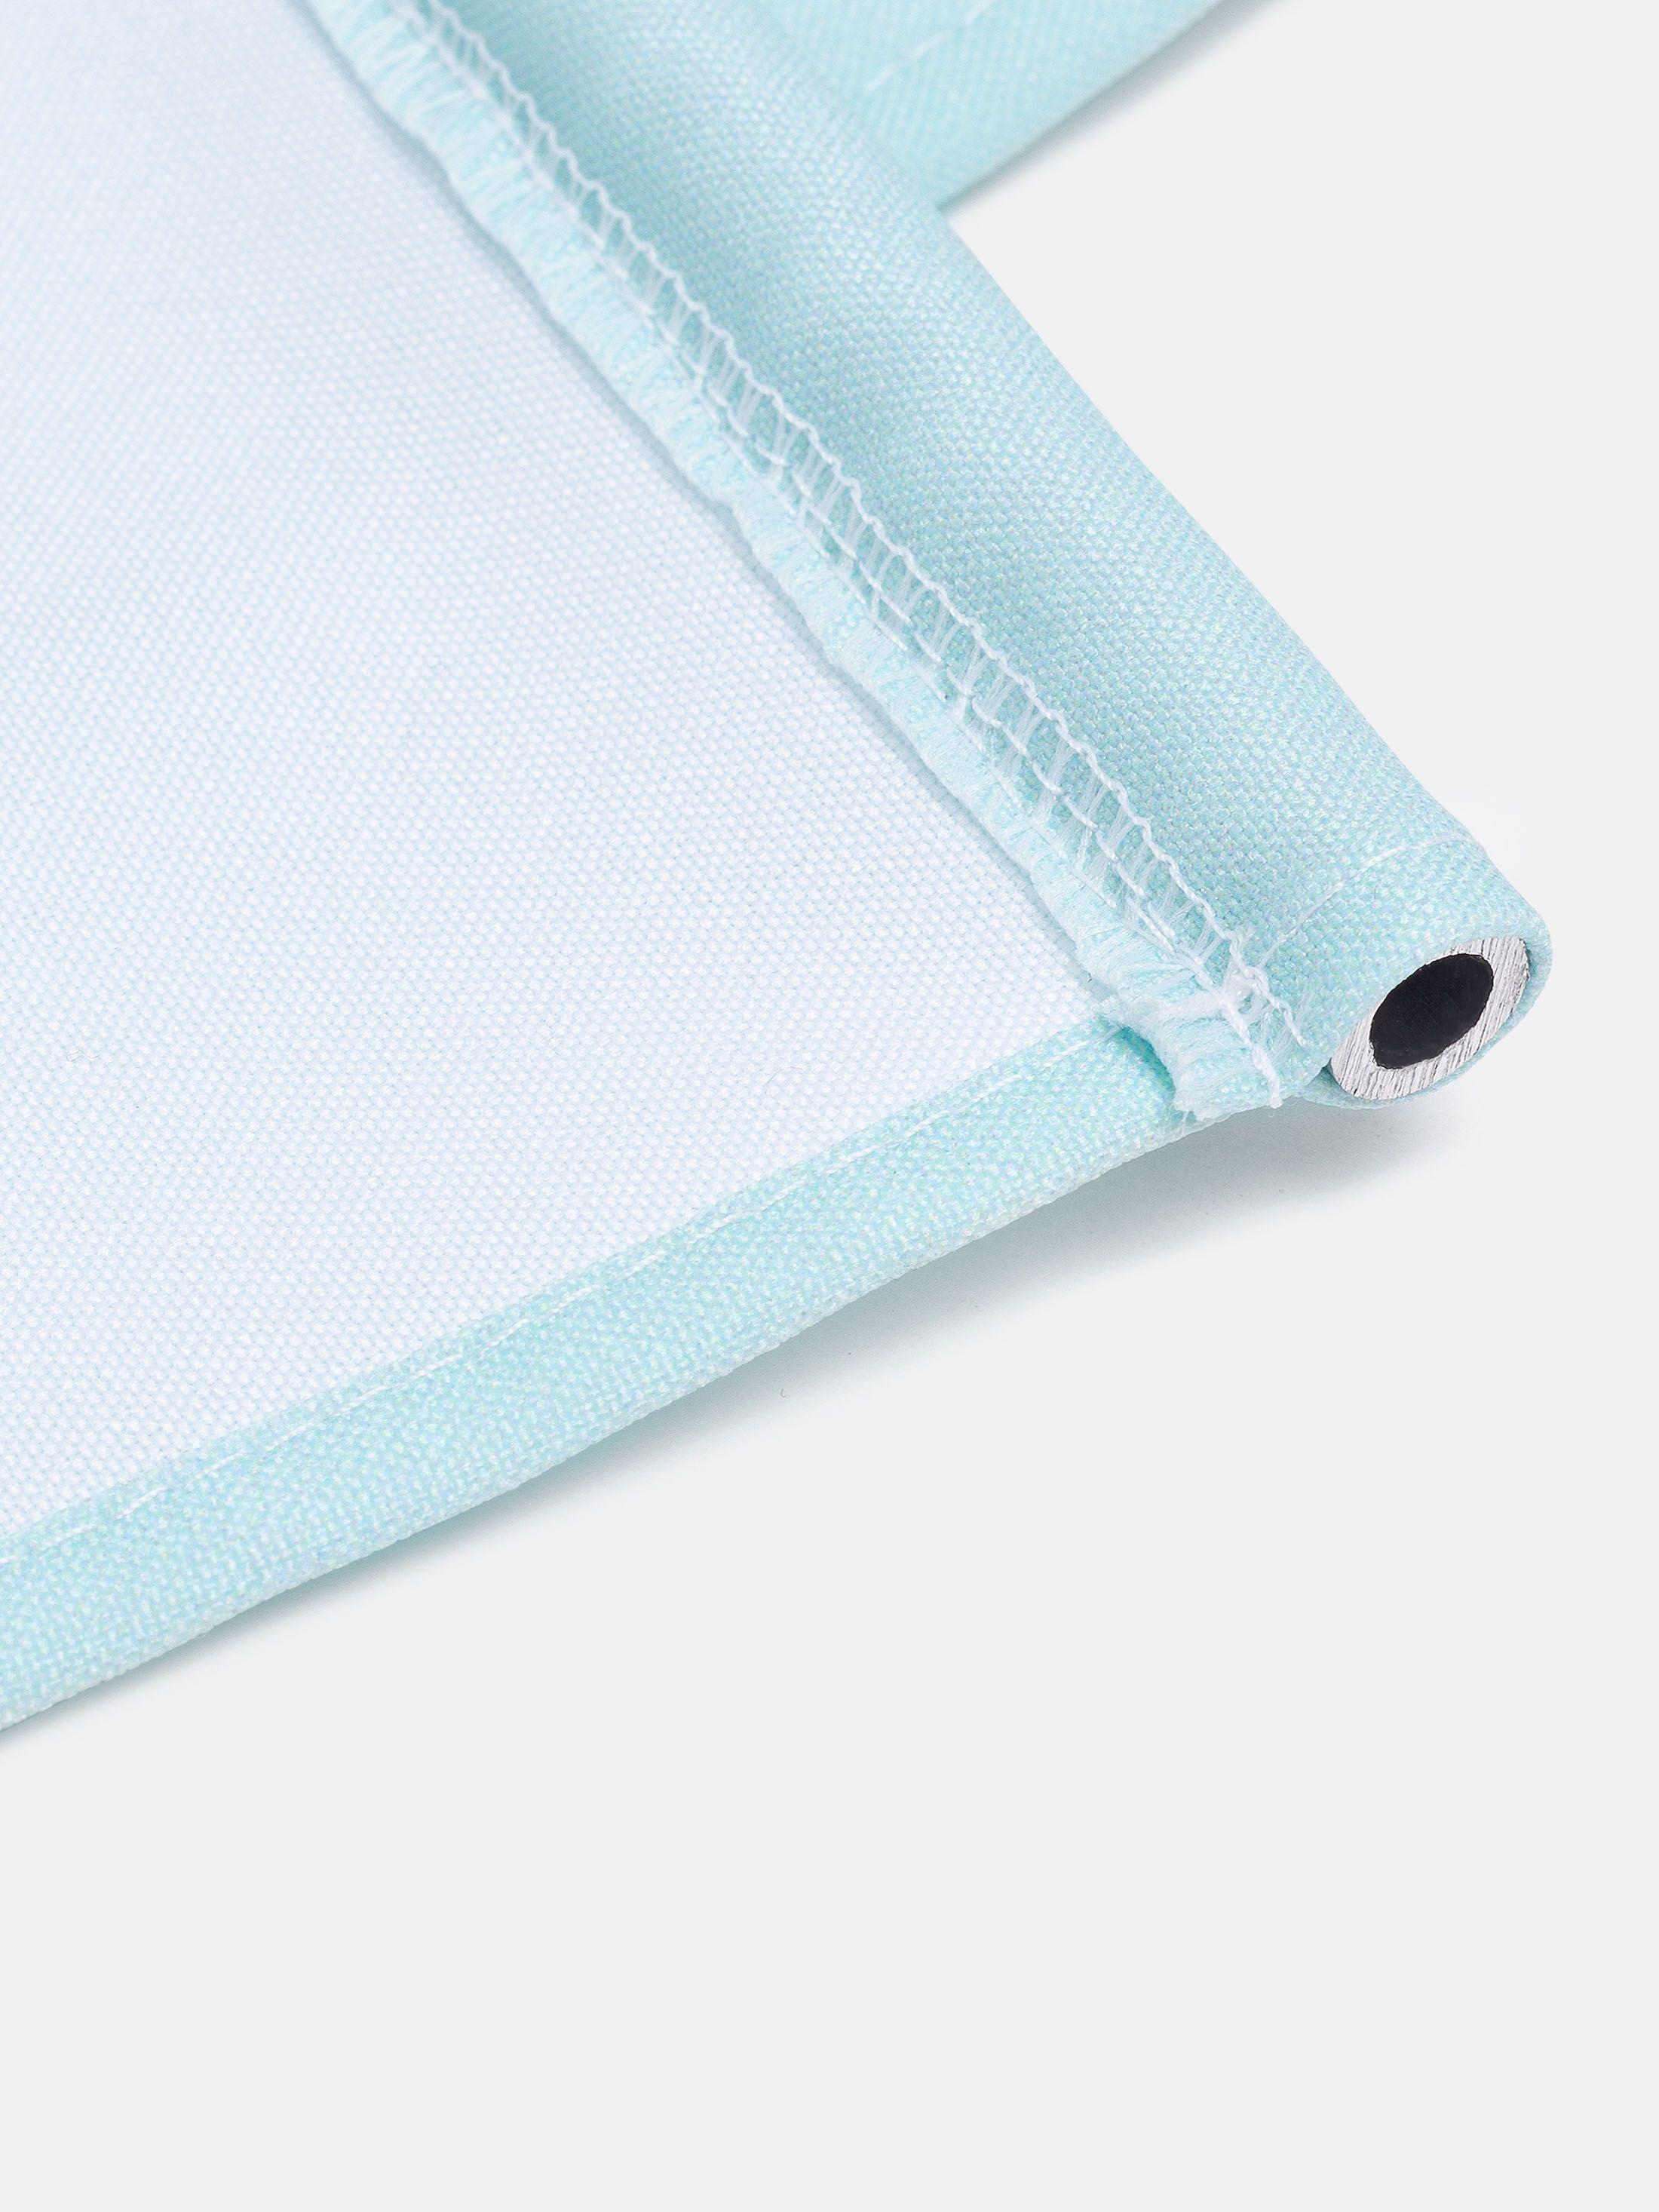 arazzi in tessuto personalizzato con supporto per parete